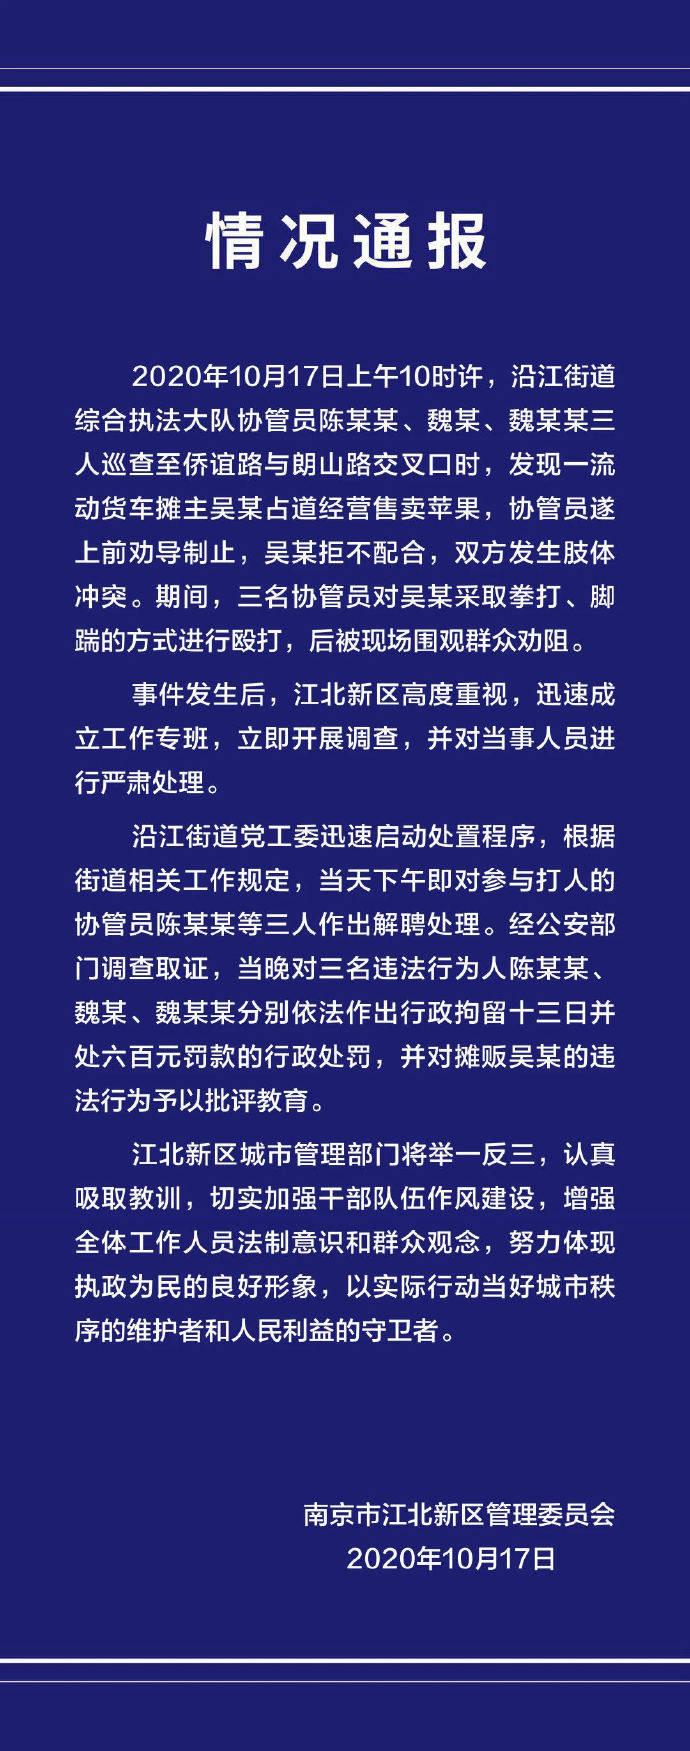 三协管员殴打摊贩,南京警方通报:分别行政拘留13天